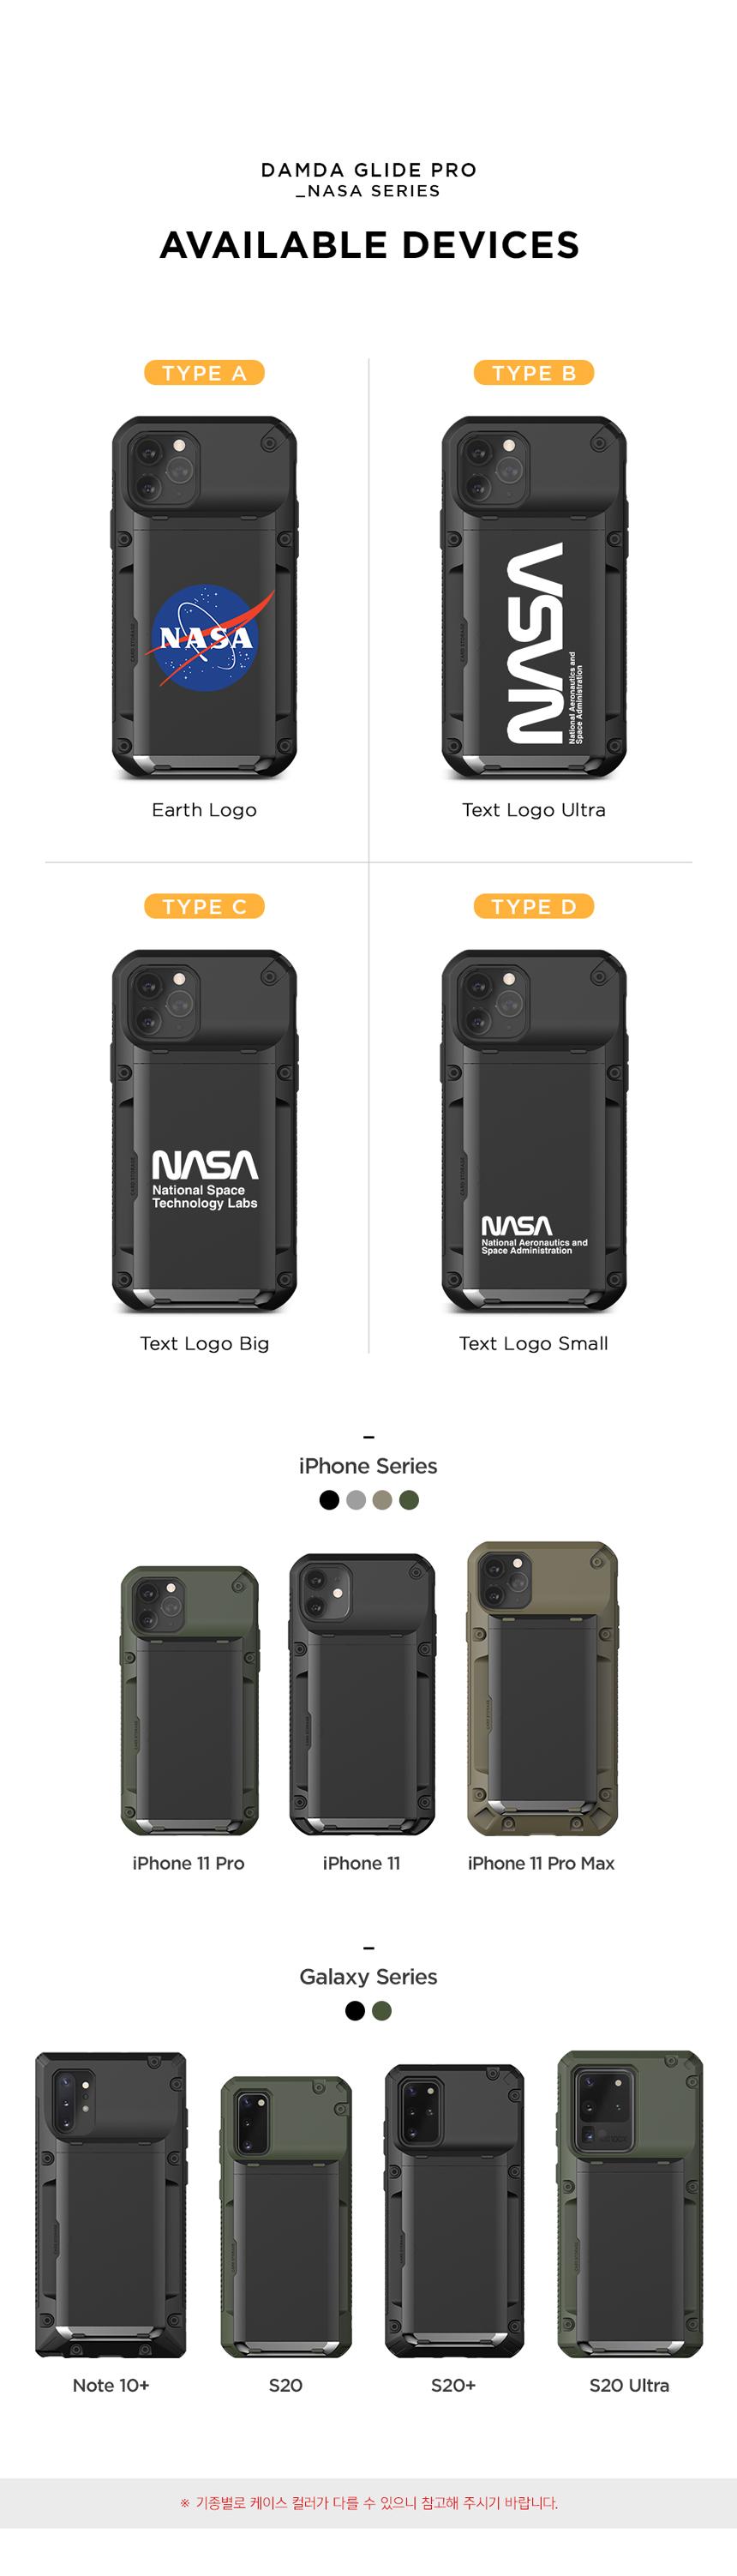 베루스(VRS DESIGN) 담다글라이드프로 NASA 카드케이스